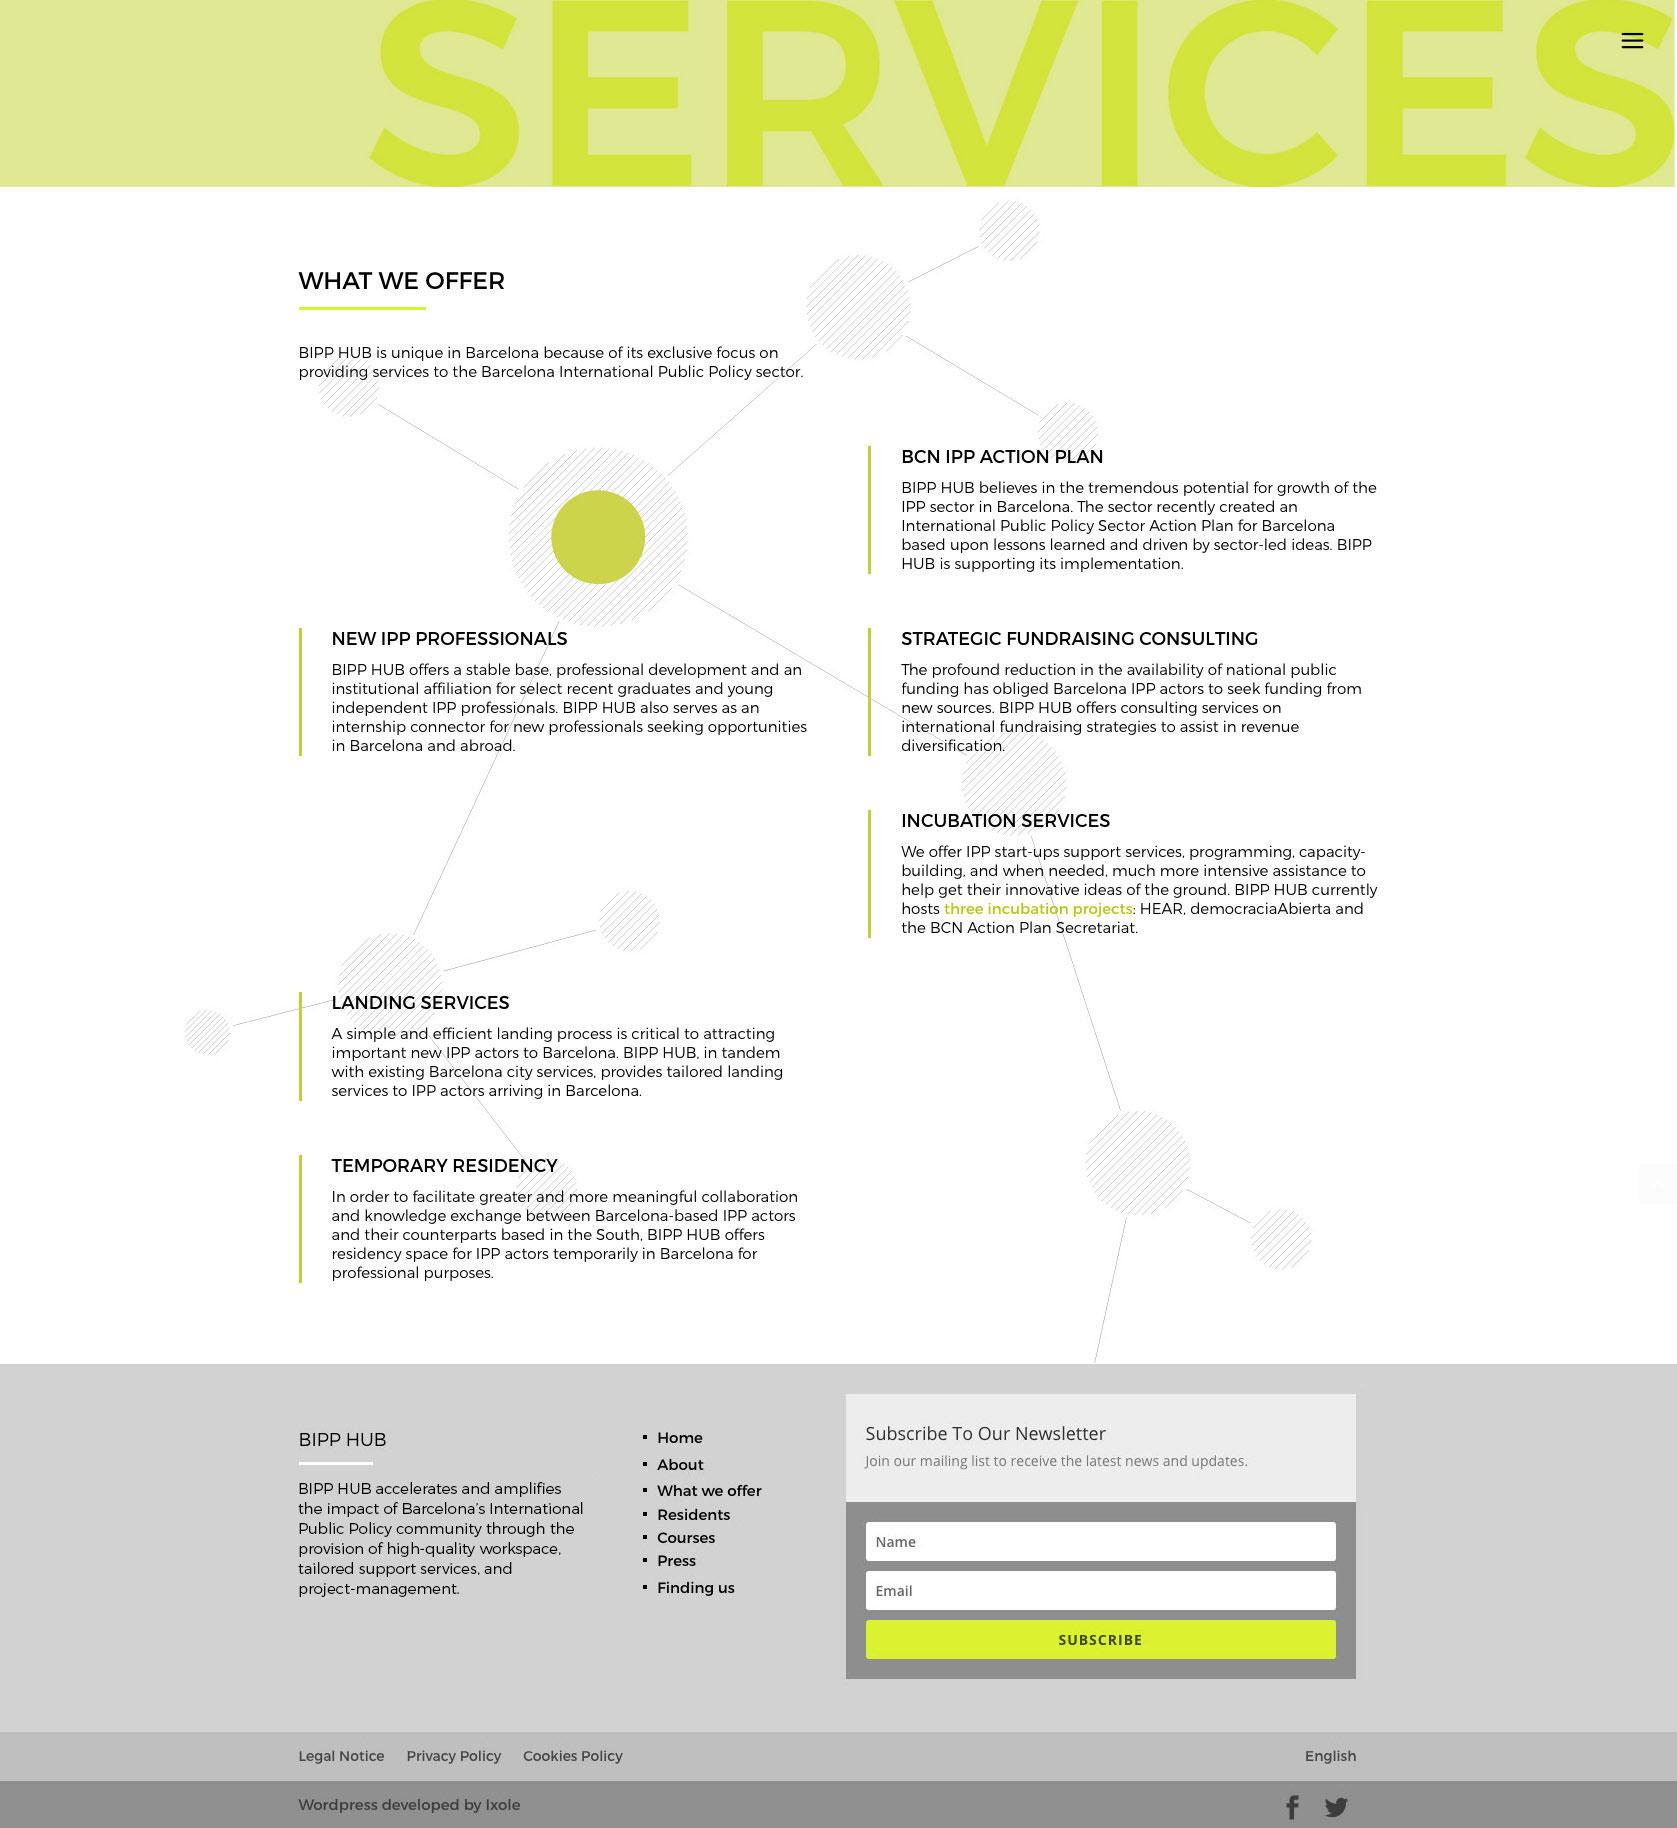 Diseño web WordPress para Bipp-Hub